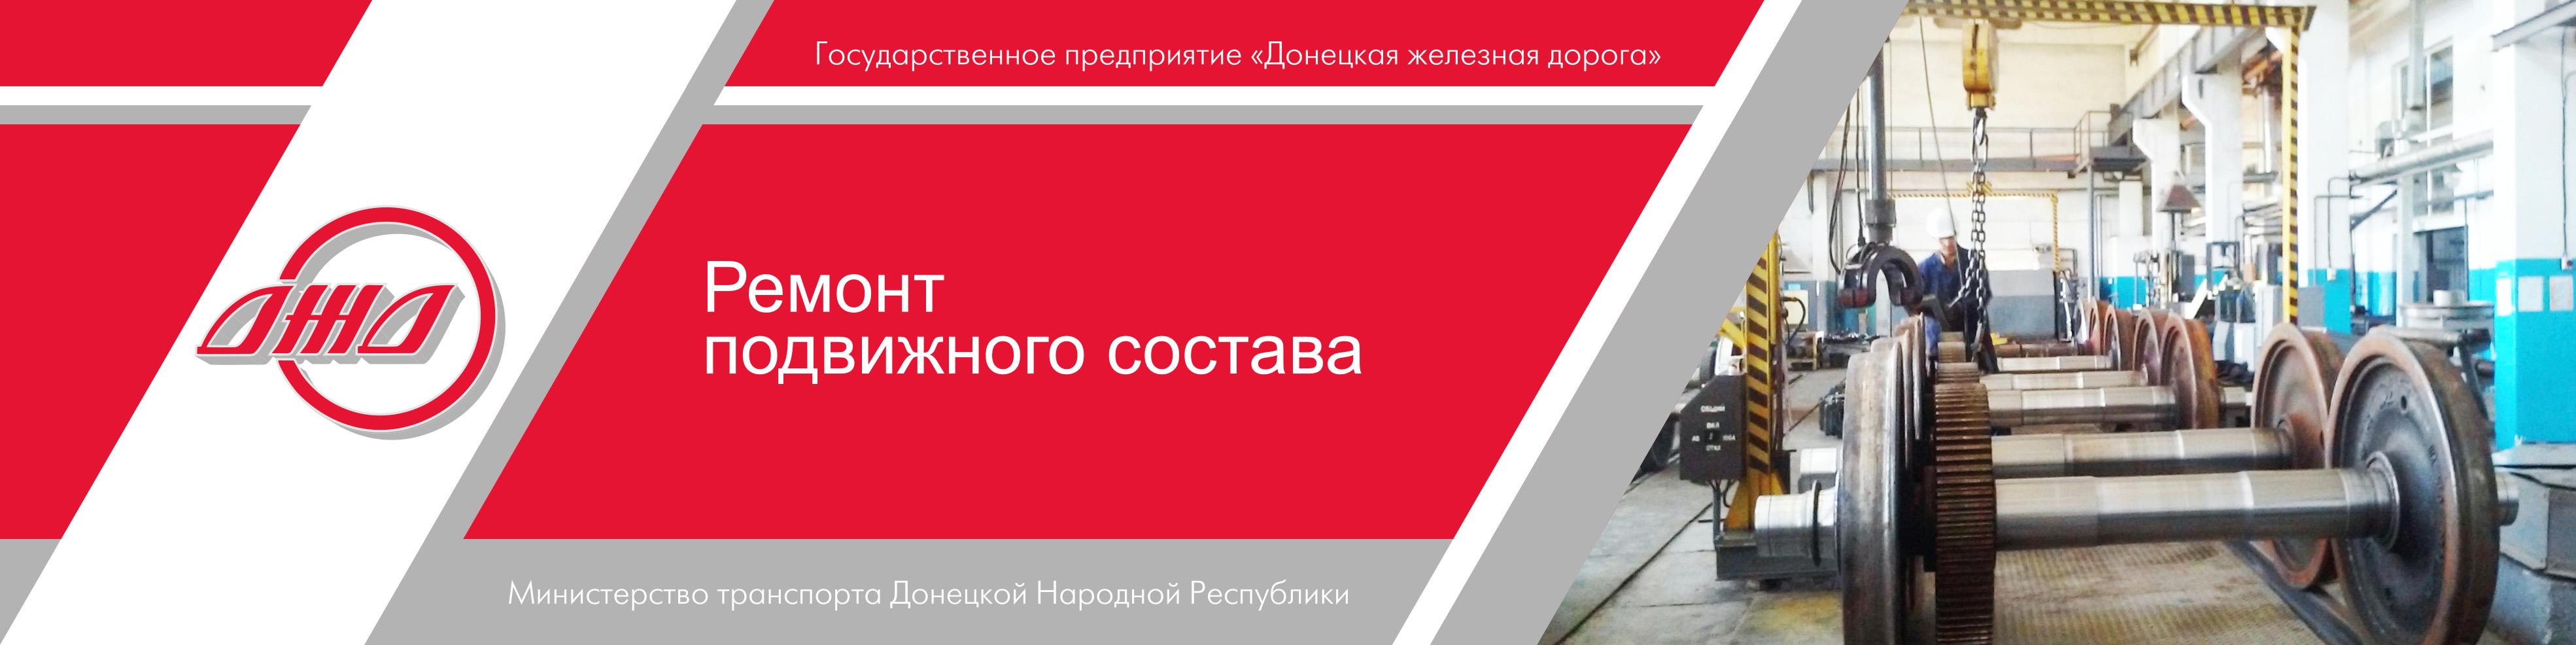 Ремонт подвижного состава ГП Донецкая железная дорога